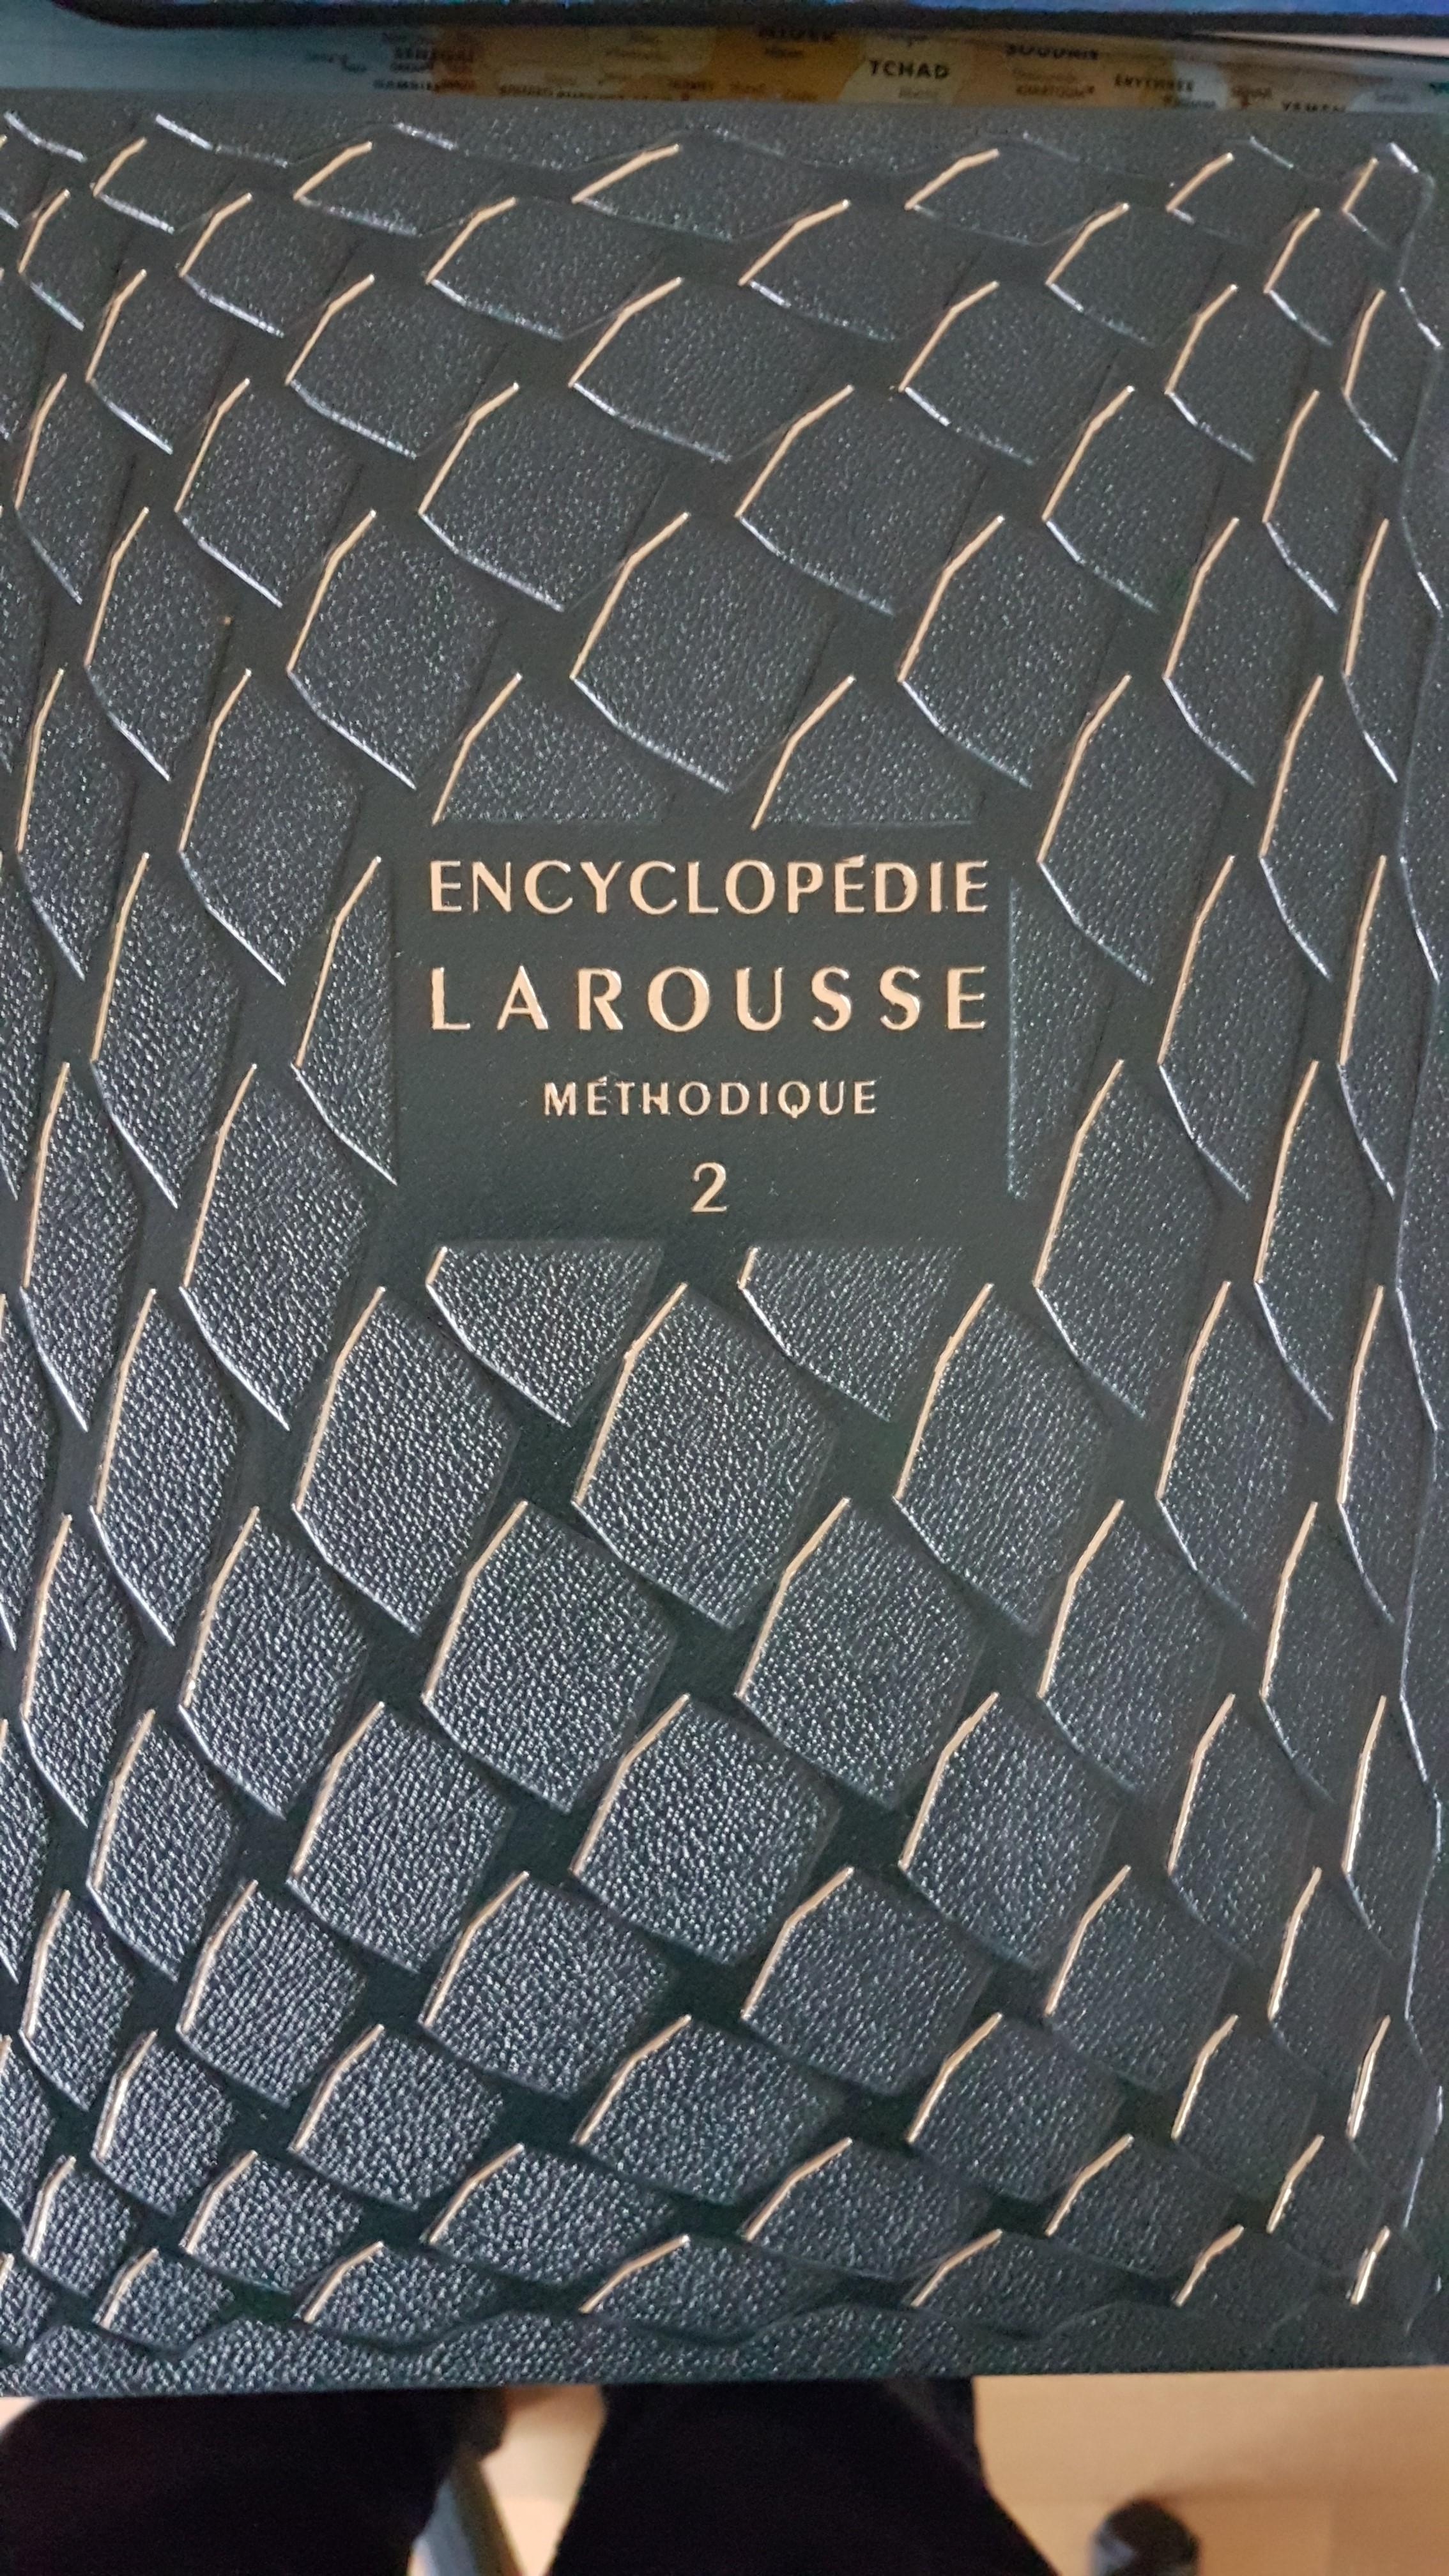 Dictionnaire - Encyclopédie Larousse 50 Le Chesnay (78)